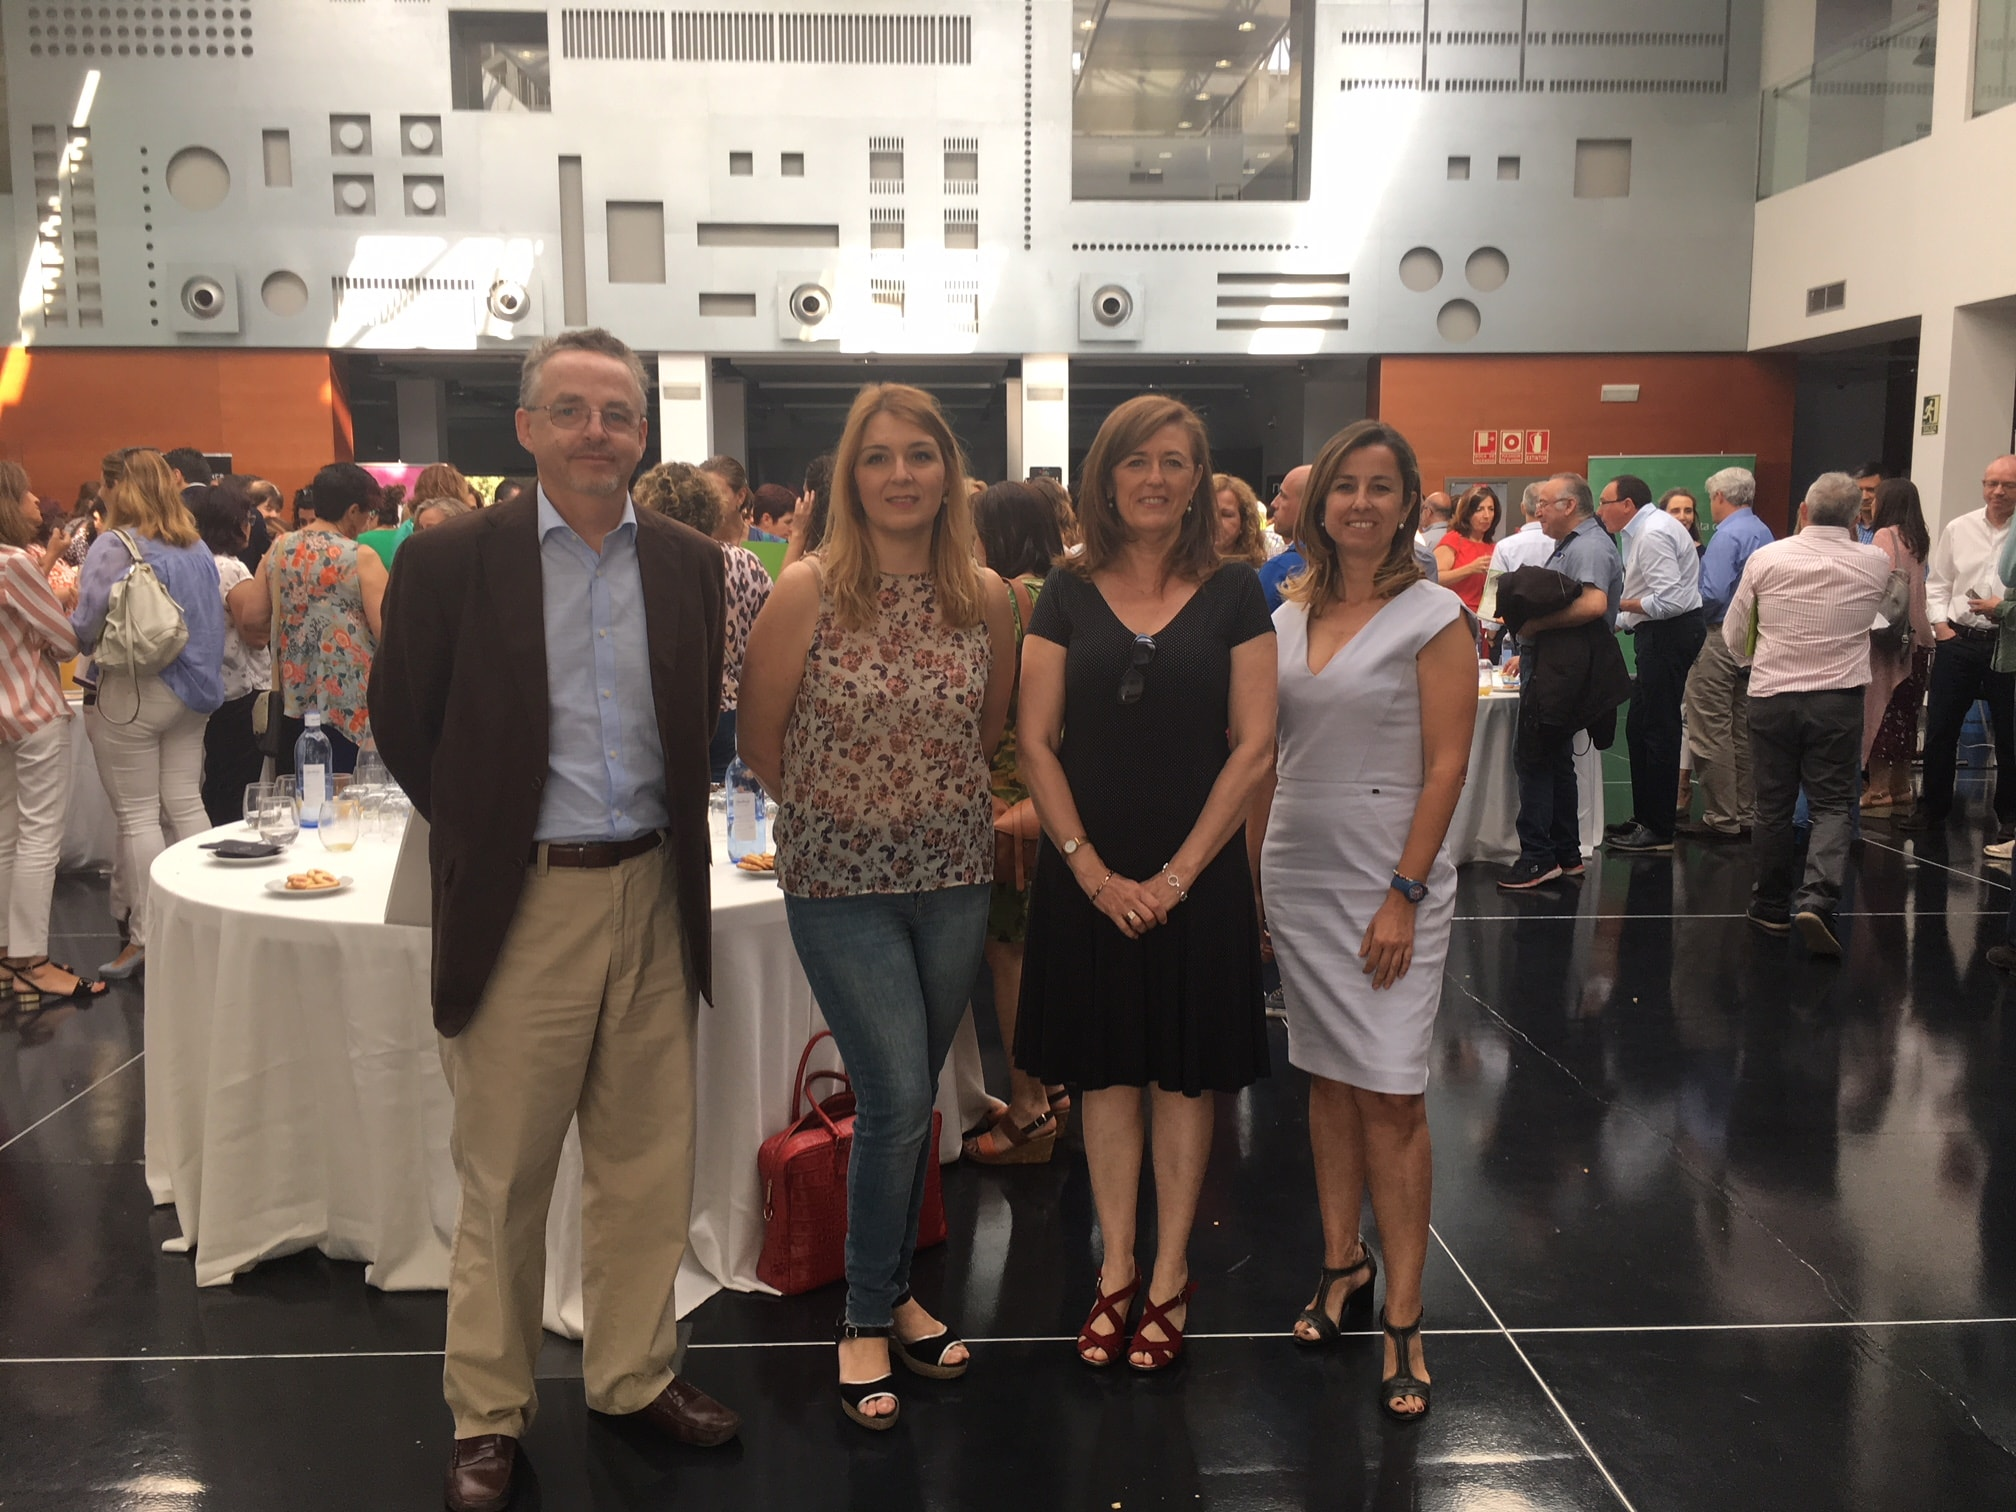 Éxito del XVII Encuentro de Profesionales que ha contado más de 200 participantes